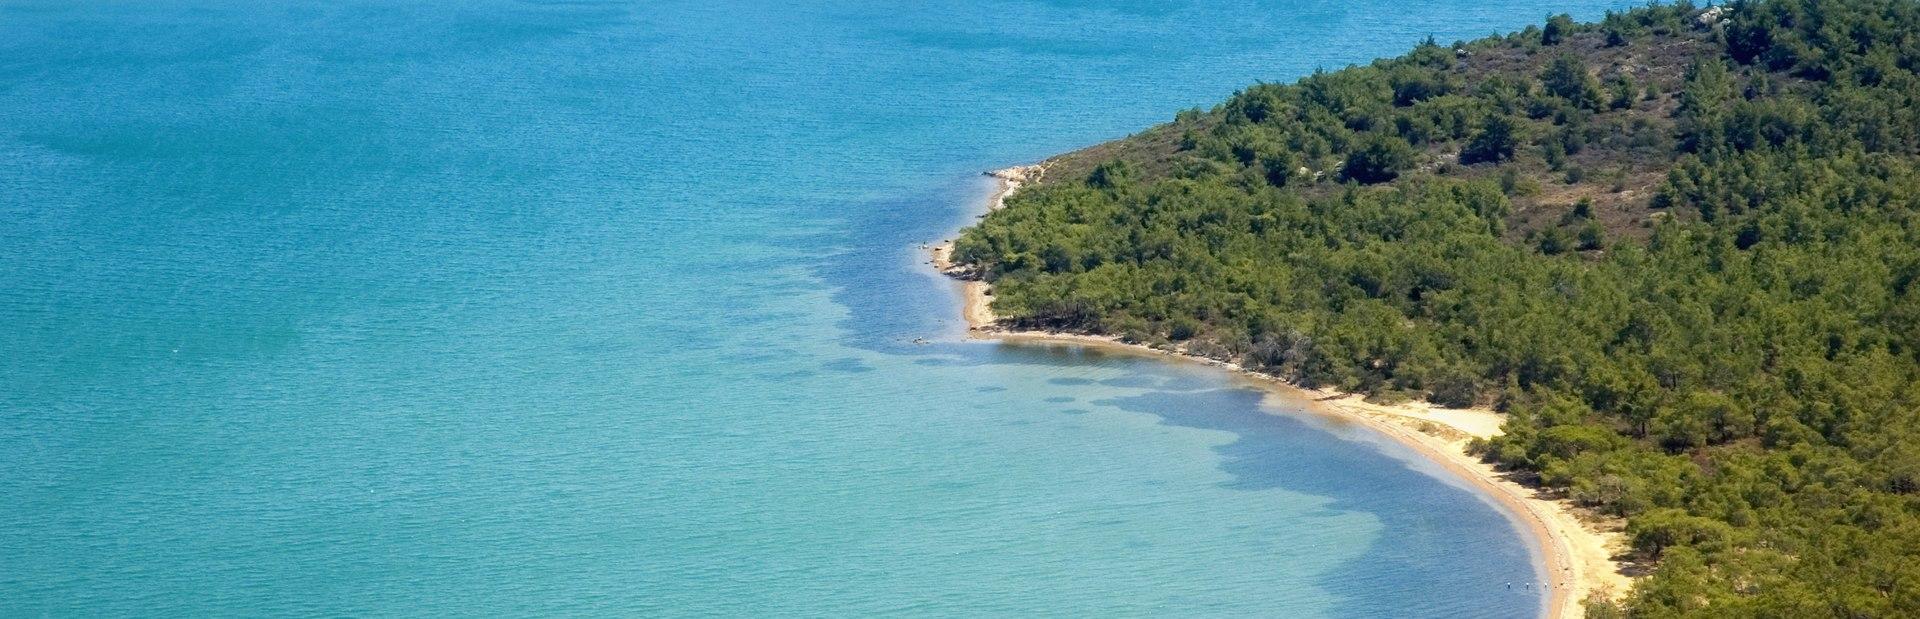 Aegean Islands climate photo